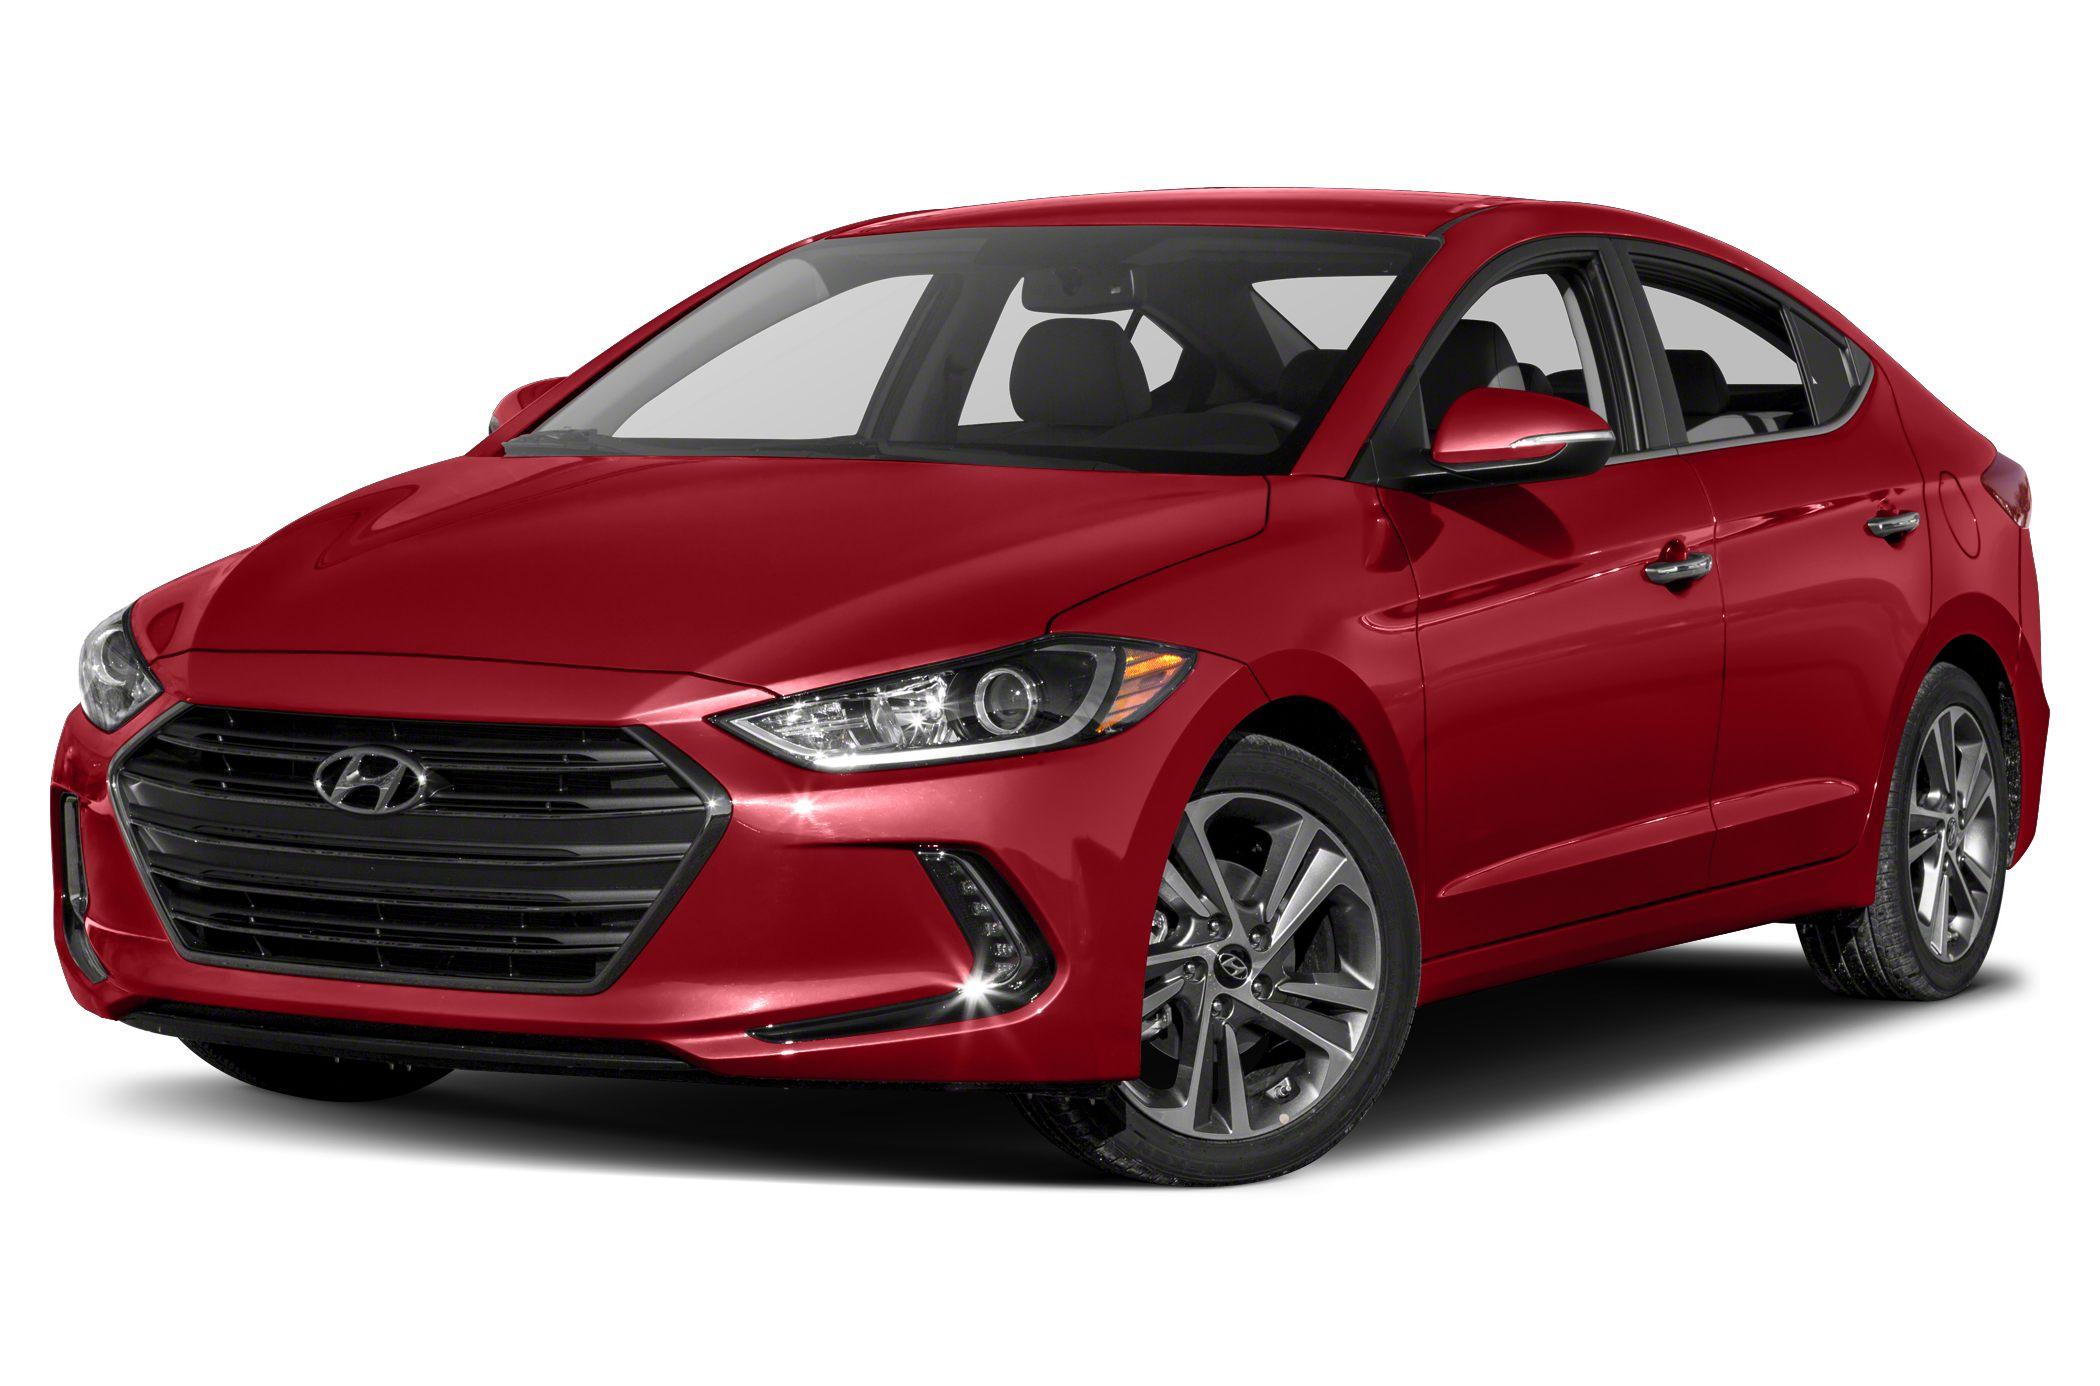 Limited 4dr Sedan 2017 Hyundai Elantra Photos